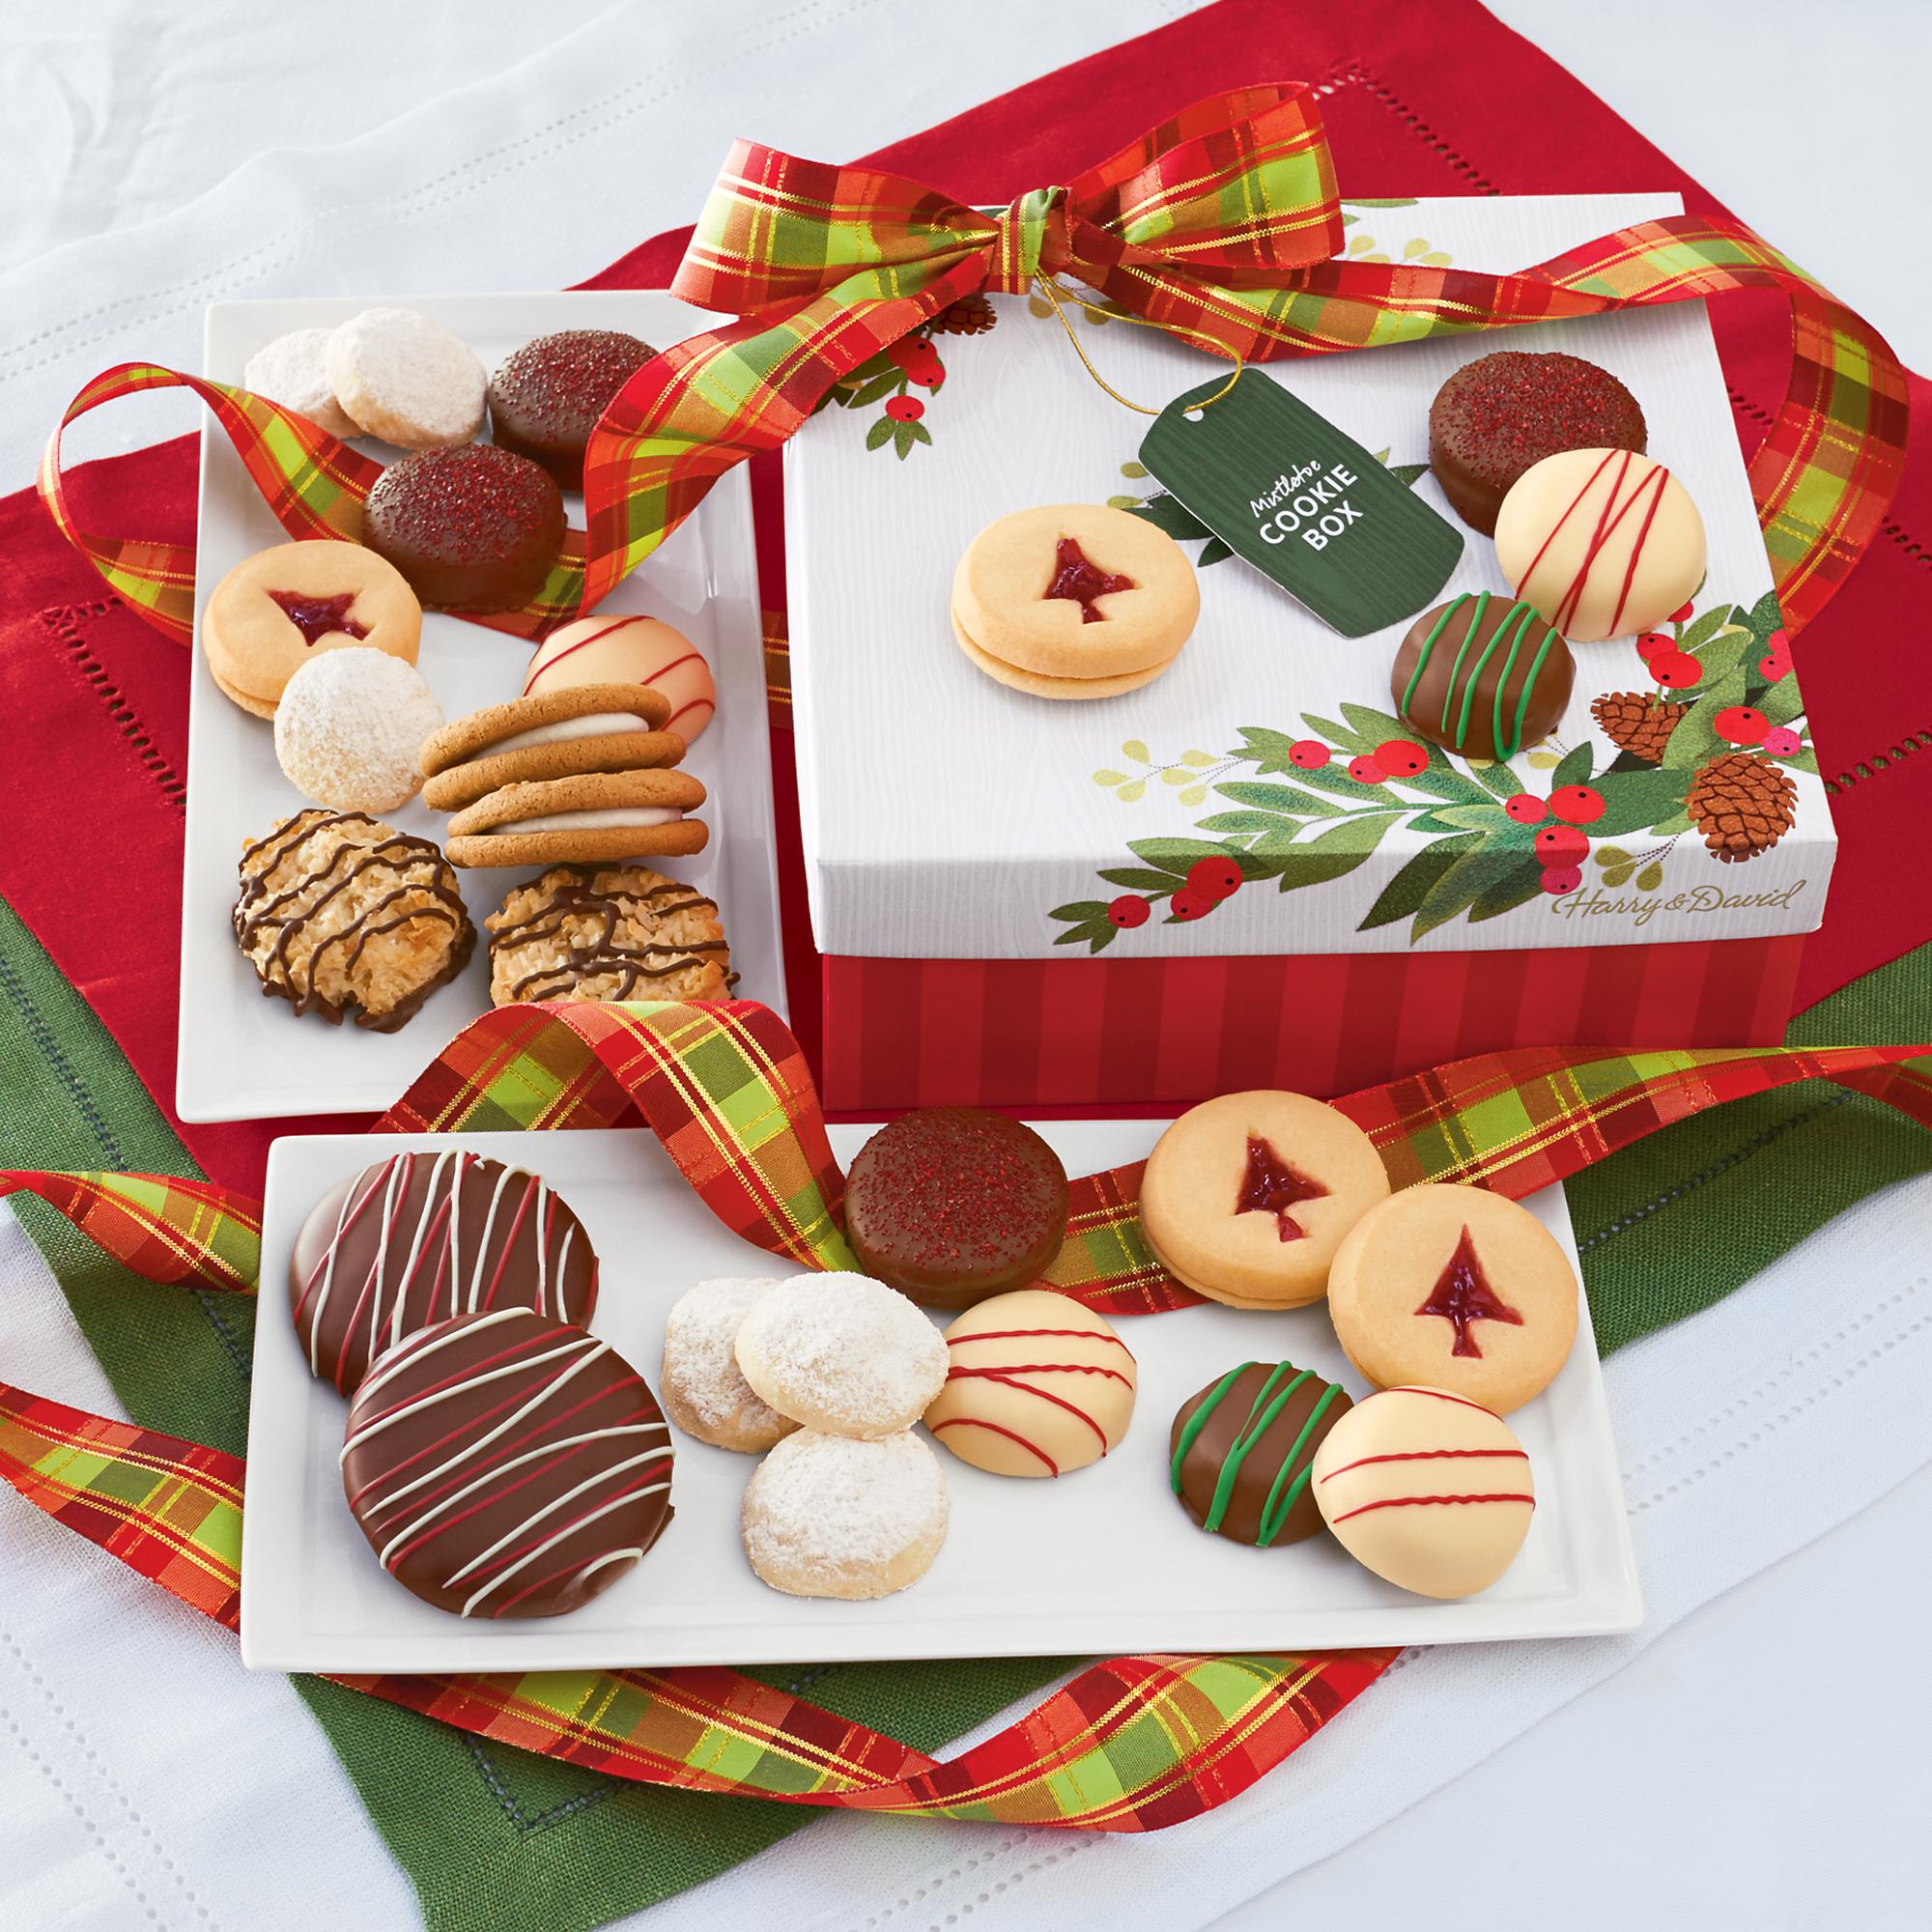 Mistletoe Christmas Cookie Gift Cookies Brownies